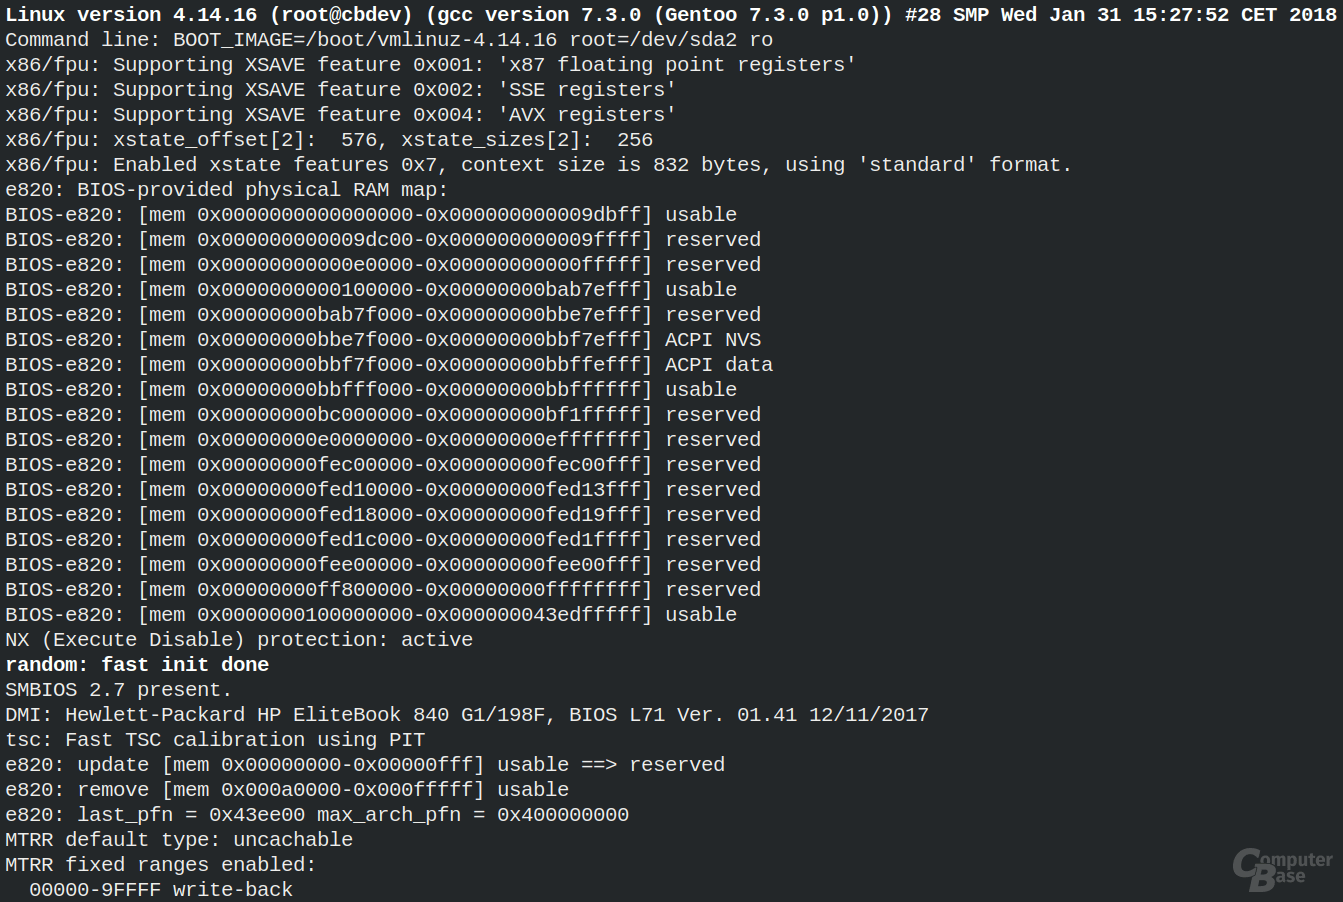 Linux 4.14.16 bootet auf einem HP EliteBook 840 G1